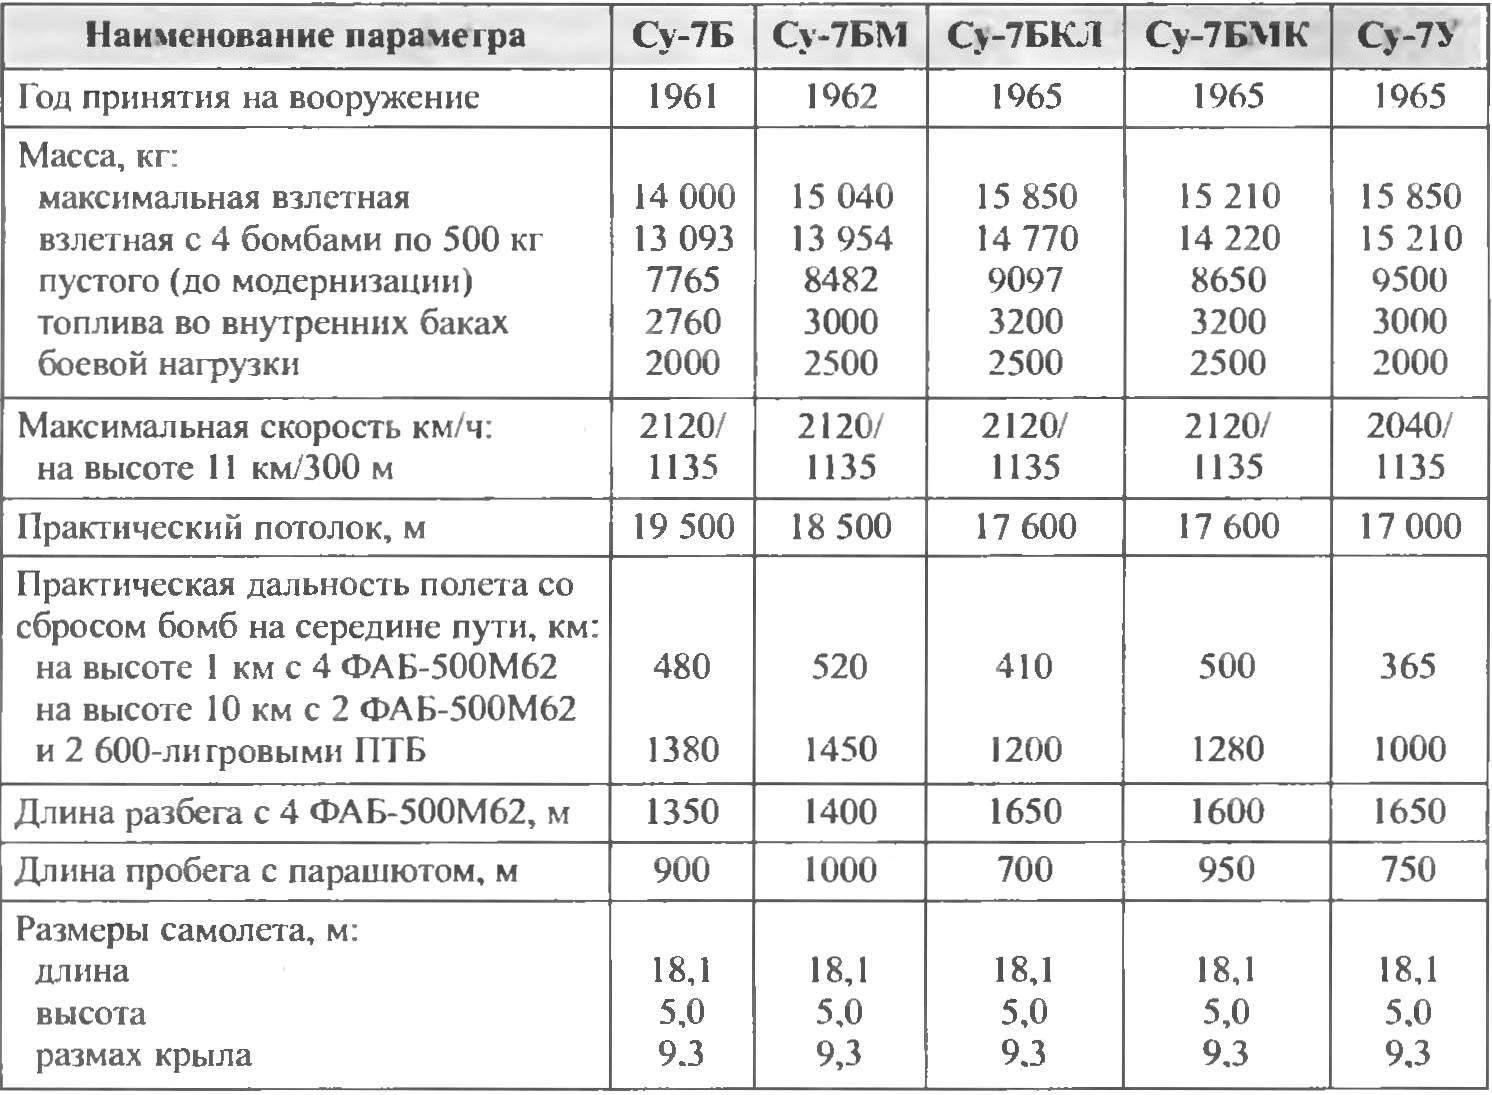 Основные характеристики самолетов семейства Су-7Б